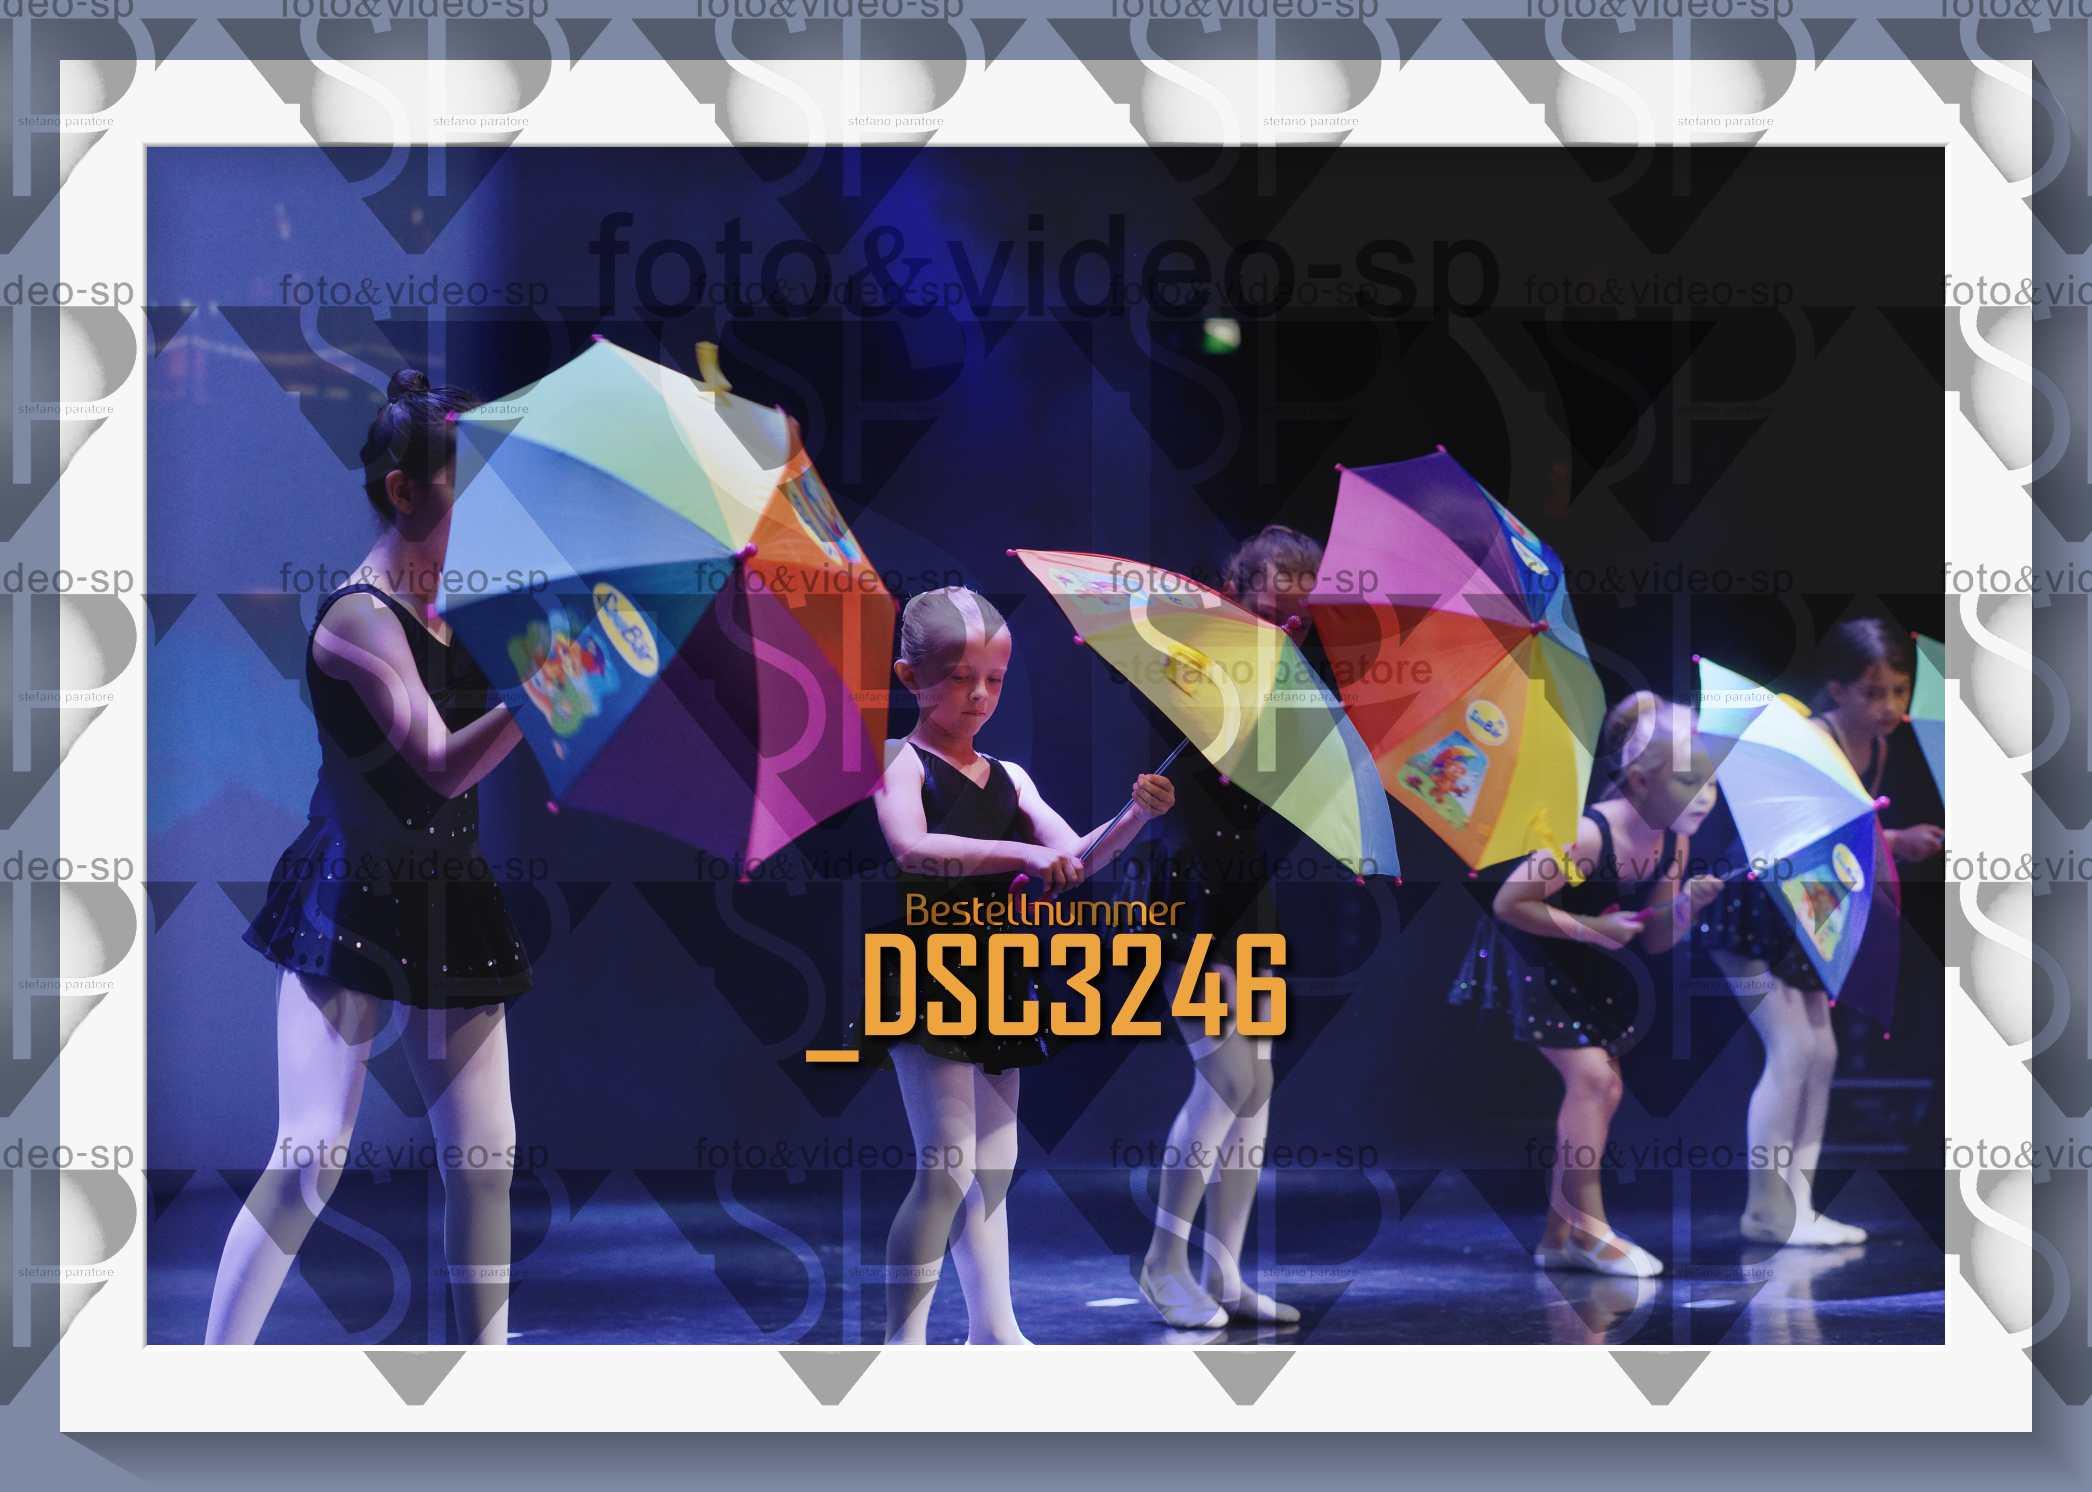 DSC3246